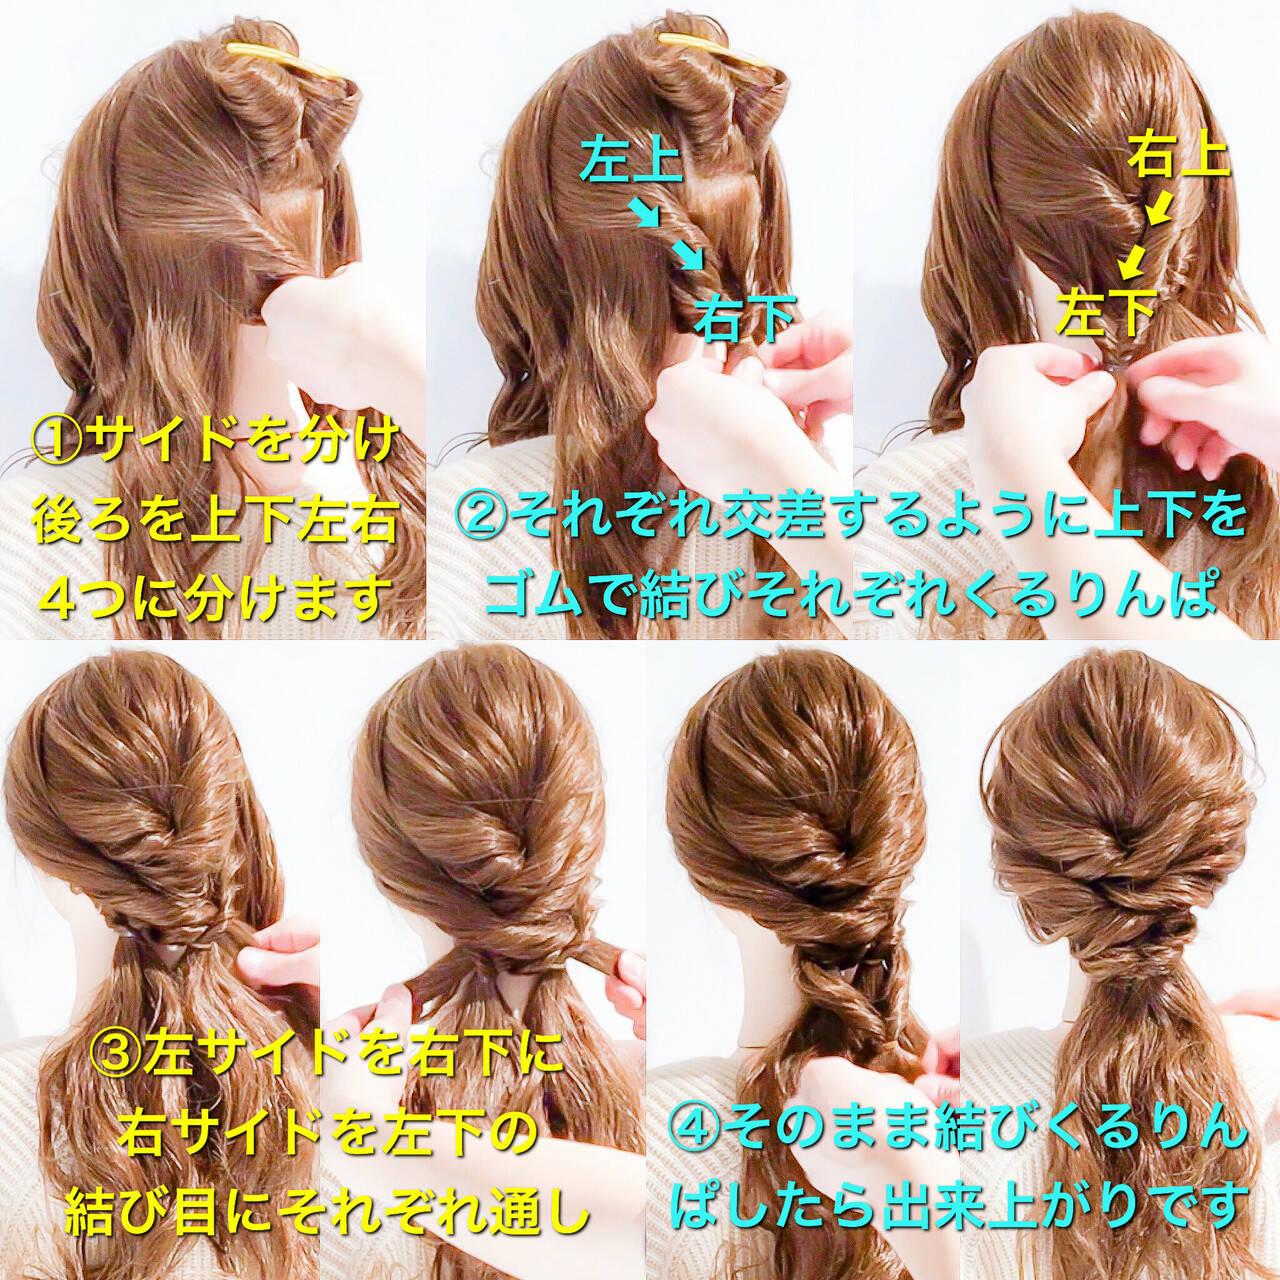 くるりんぱ エレガント ロング 簡単ヘアアレンジヘアスタイルや髪型の写真・画像